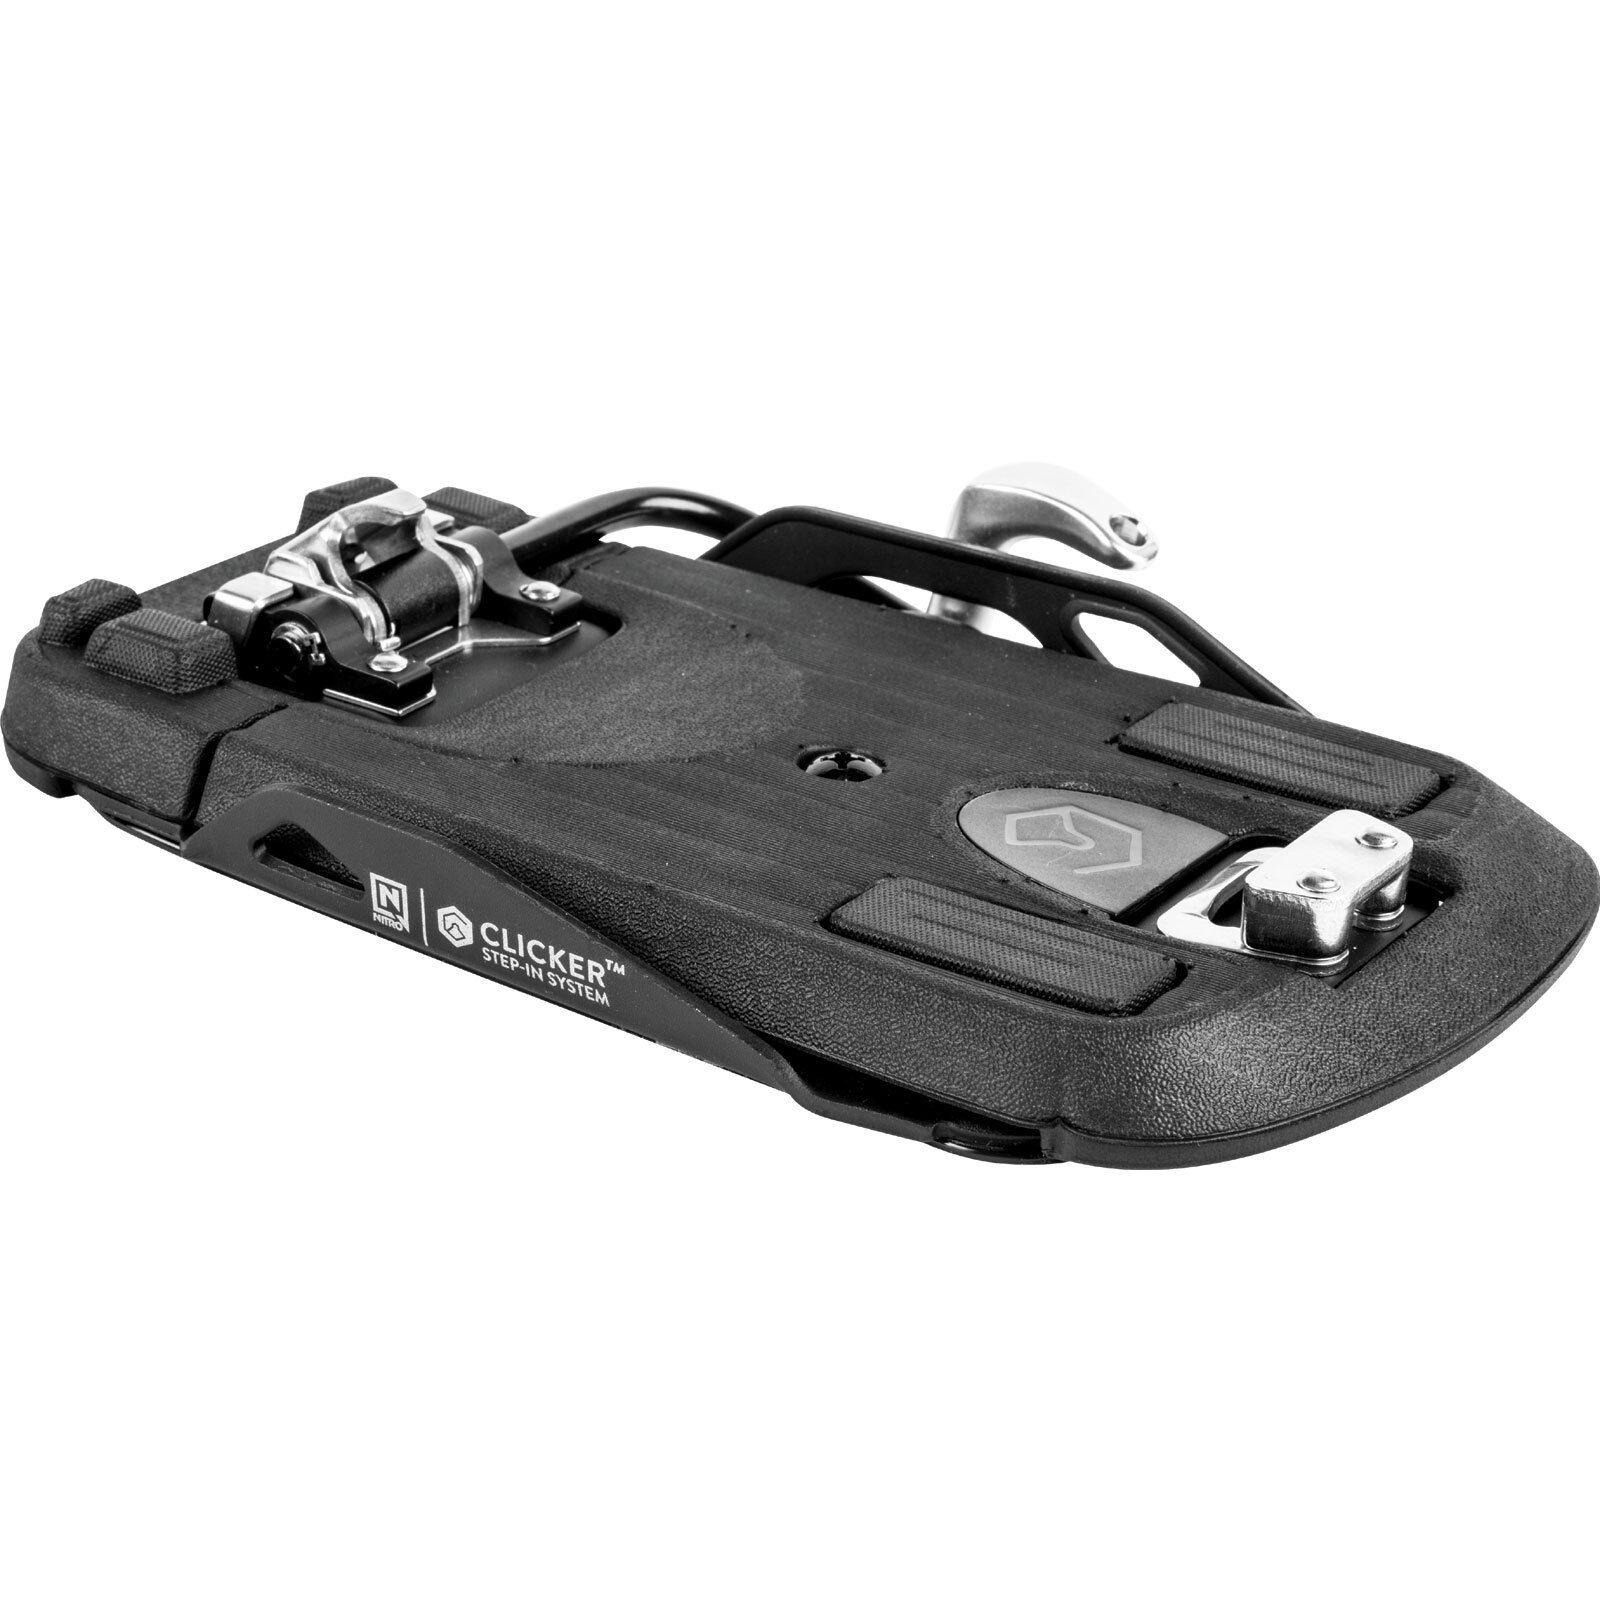 Nitro Clicker Step-In Fijación para para para Snowboard Fijación Snowboard Uni Nuevo 7aa2c9